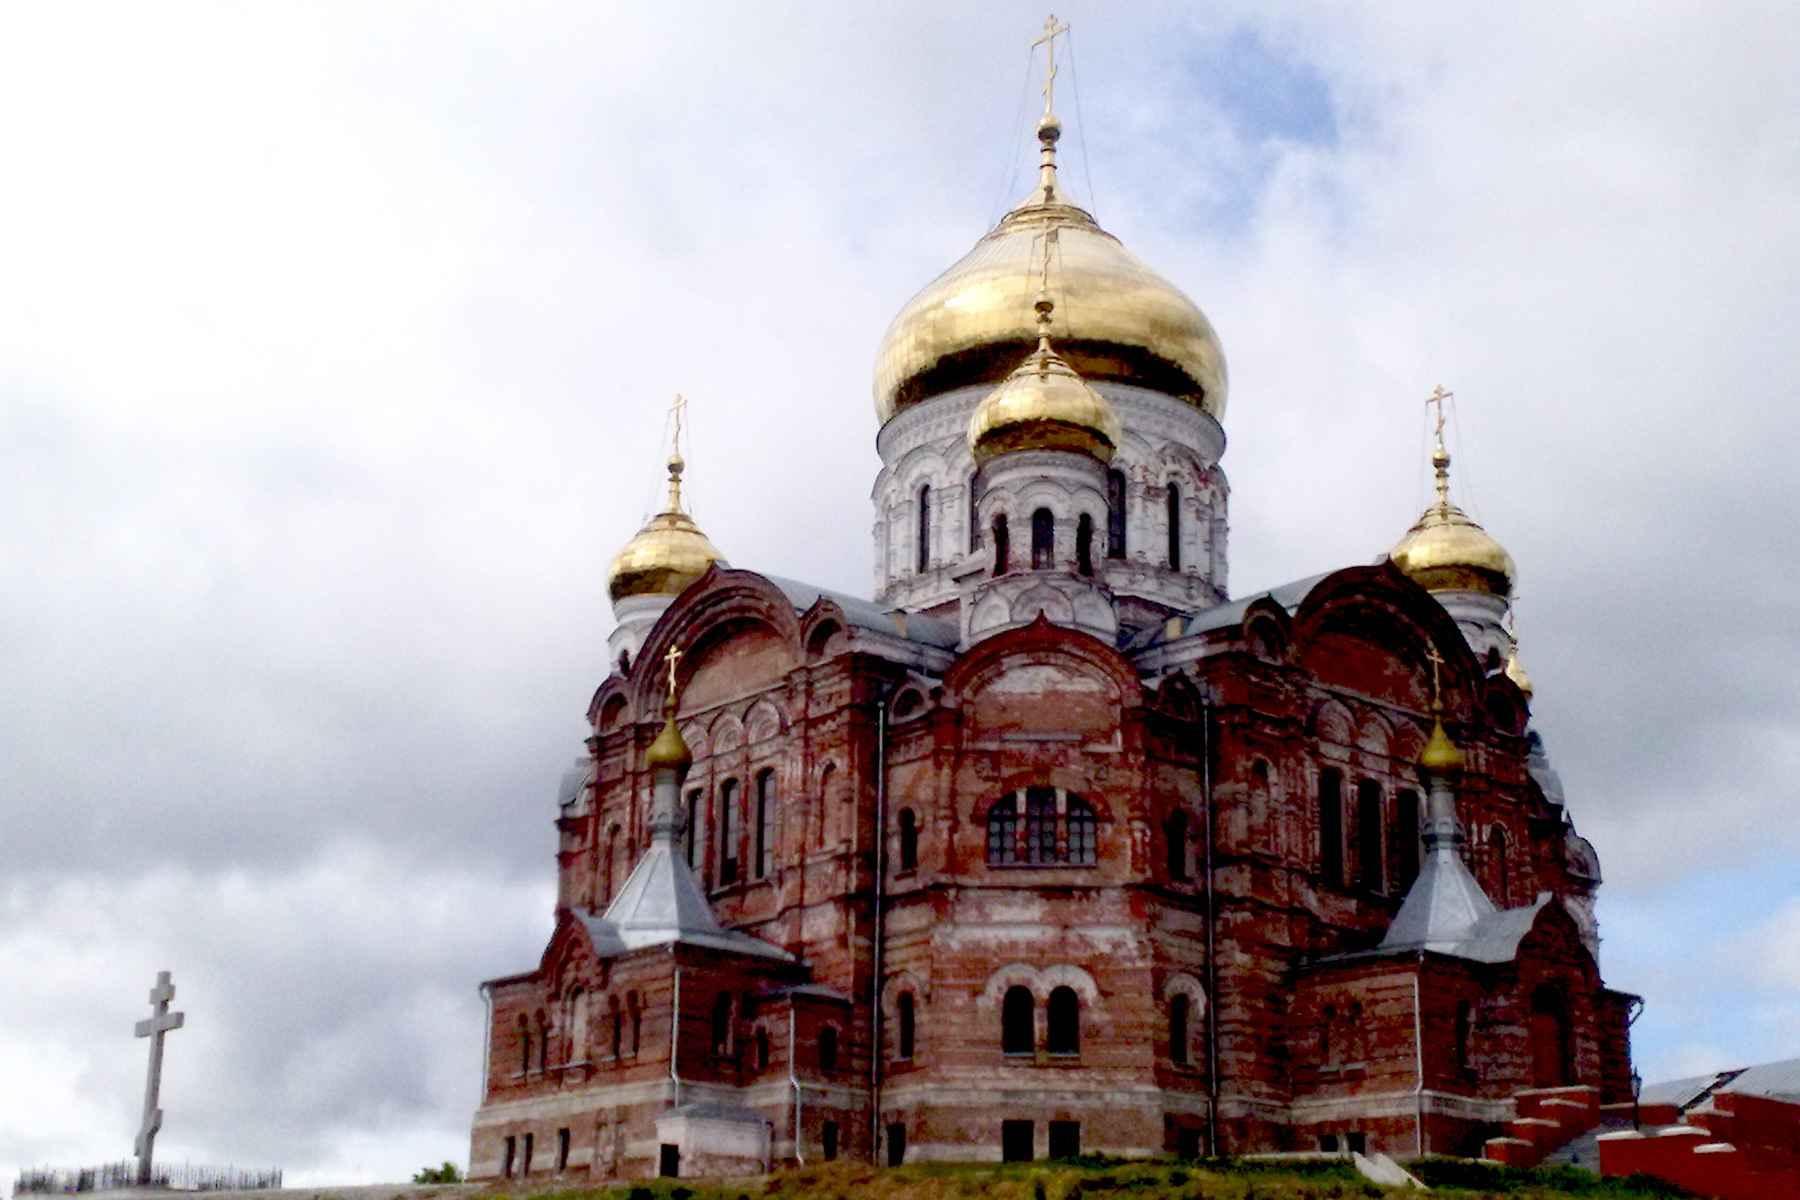 F:\Неделя общеобразовательных дисциплин 1-7 декабря 2014 года\belogorsky-convent.jpg